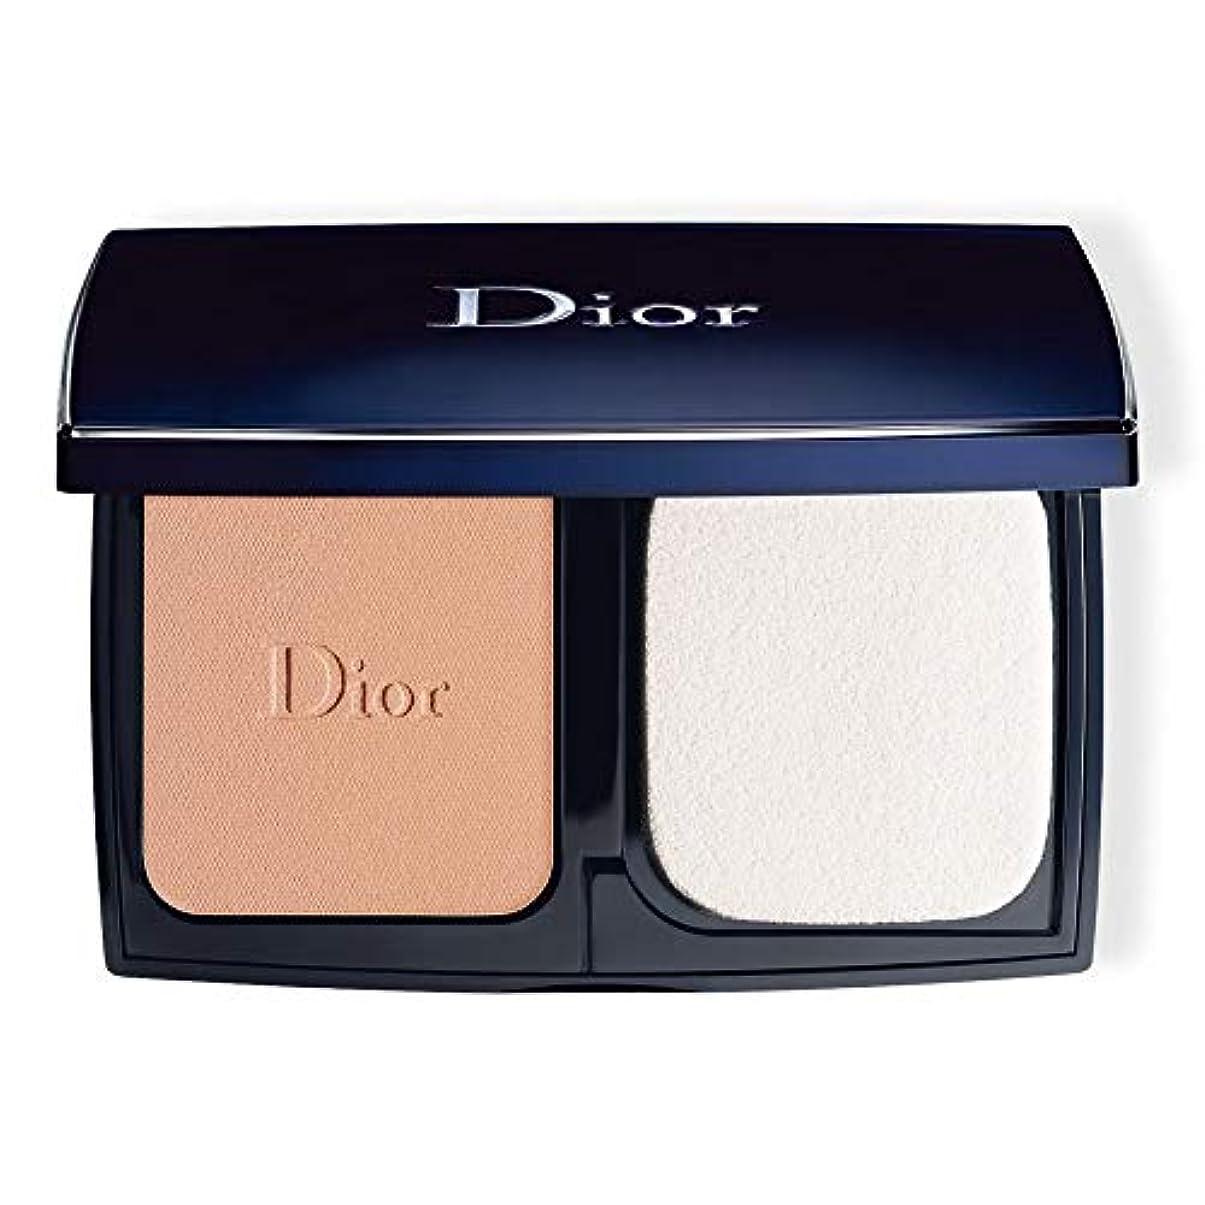 拡大するラショナルコンパニオンクリスチャンディオール Diorskin Forever Extreme Control Perfect Matte Powder Makeup SPF 20 - # 032 Rosy Beige 9g/0.31oz並行輸入品